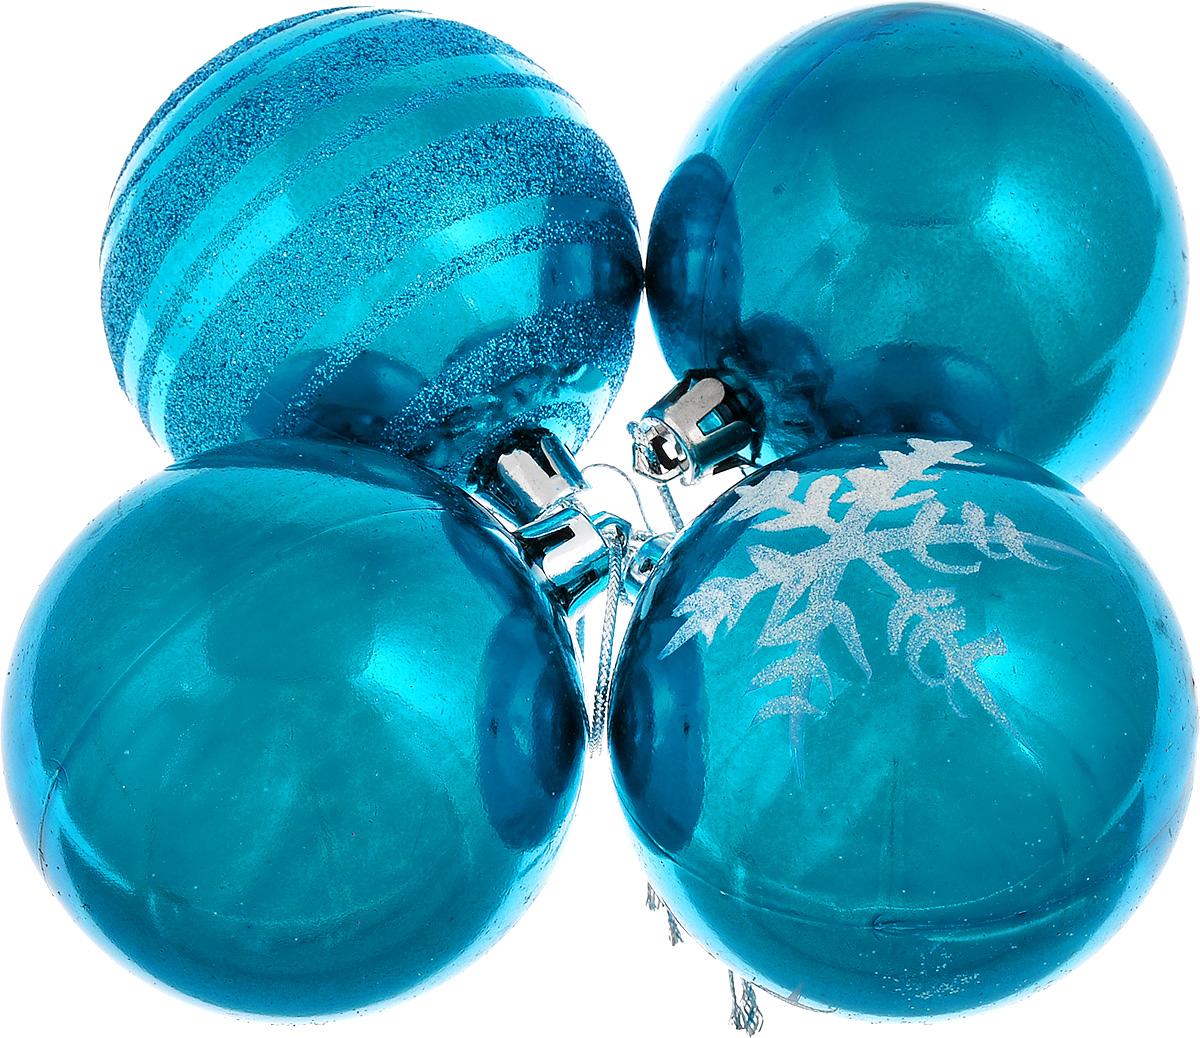 Набор новогодних подвесных украшений EuroHouse Everyday Holiday, цвет: бирюзовый, диаметр 7 см, 4 штЕХ 7358_бирюзовыйНабор новогодних подвесных украшений EuroHouse Everyday Holiday прекрасно подойдет для праздничного декора новогодней ели. Набор состоит из 4 пластиковых украшений в виде глянцевых шаров, некоторые из которых оформлены блестками. Для удобного размещения на елке для каждого украшения предусмотрена текстильная петелька. Елочная игрушка - символ Нового года. Она несет в себе волшебство и красоту праздника. Создайте в своем доме атмосферу веселья и радости, украшая новогоднюю елку нарядными игрушками, которые будут из года в год накапливать теплоту воспоминаний. Откройте для себя удивительный мир сказок и грез. Почувствуйте волшебные минуты ожидания праздника, создайте новогоднее настроение вашим дорогим и близким.